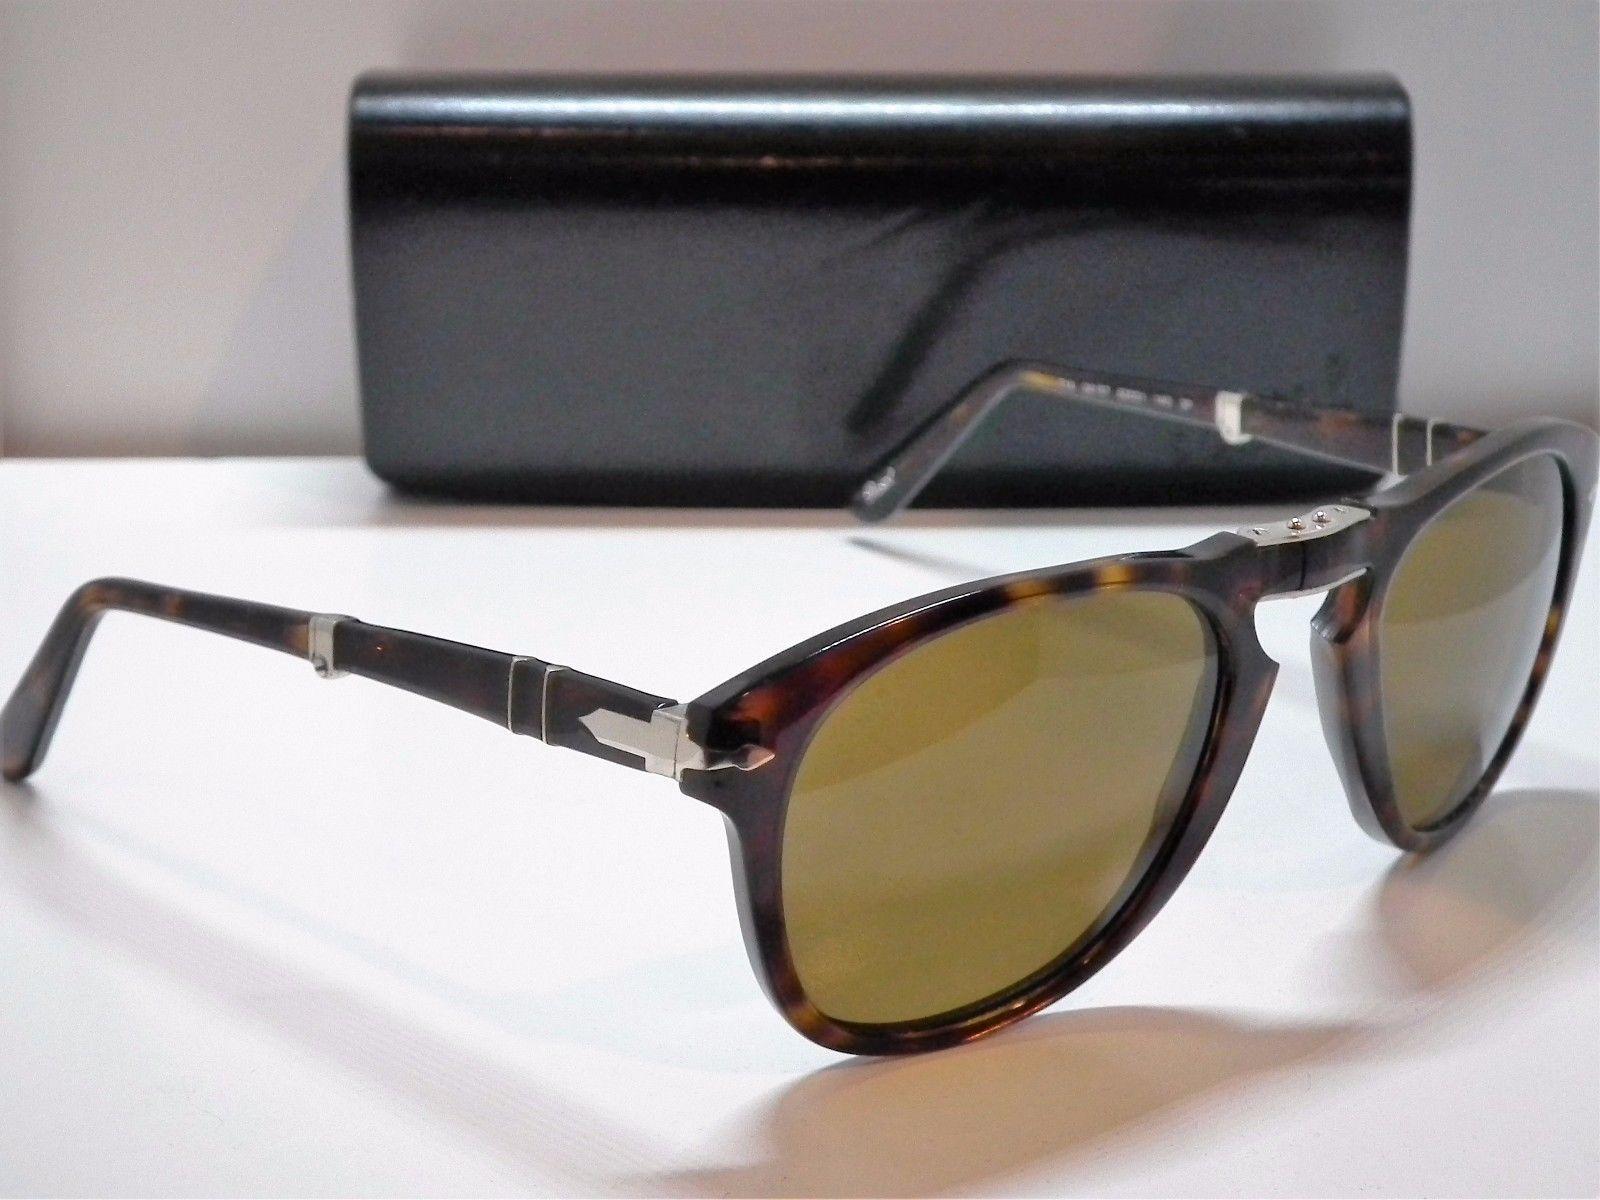 9abe17e1f81371 Authentic Persol 714 24 57 Steve McQueen Folding Havana Polarize Sunglasses - 390